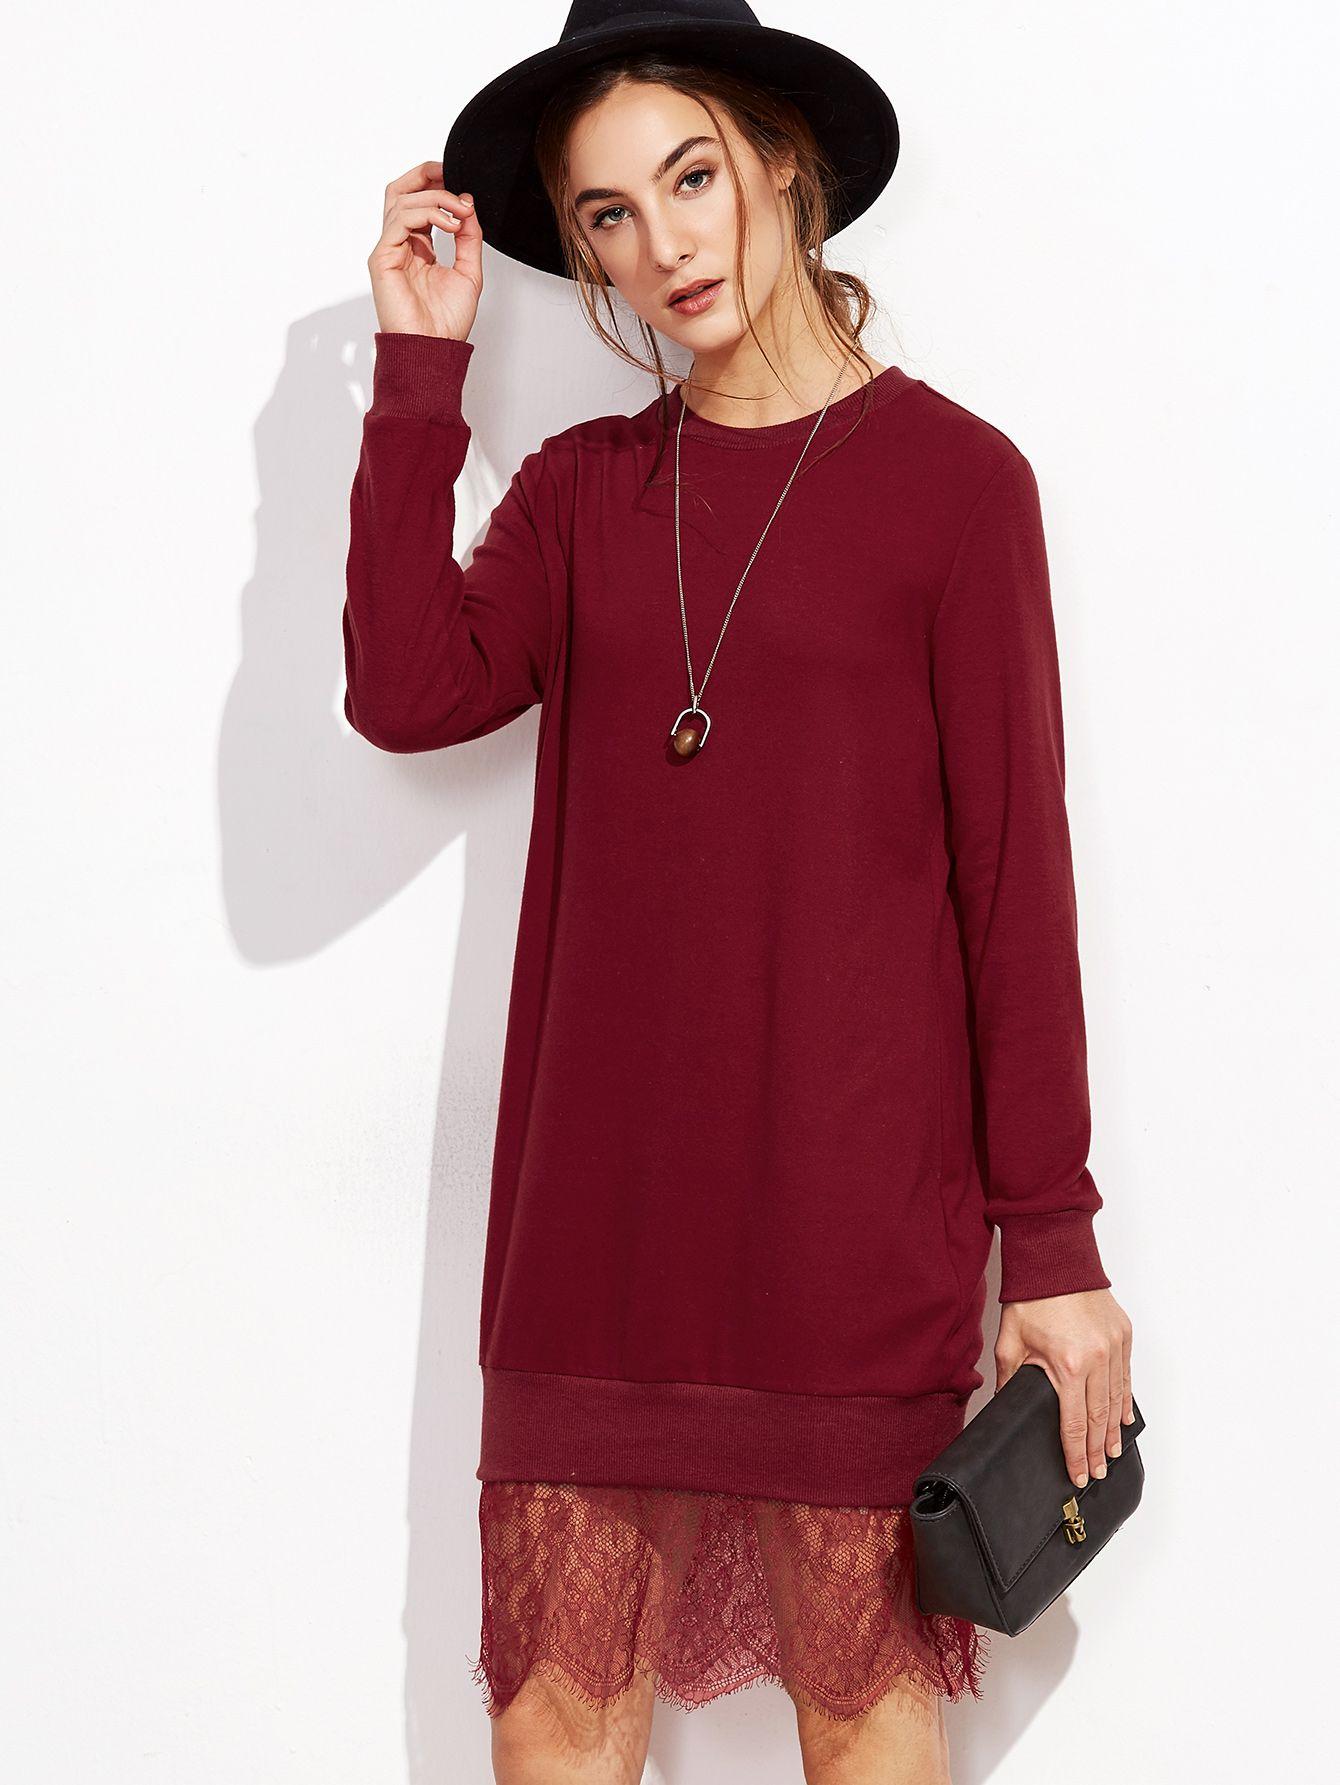 haut de gamme authentique dernier style lacer dans Robe sweat-shirt en dentelle - bordeaux -French SheIn ...